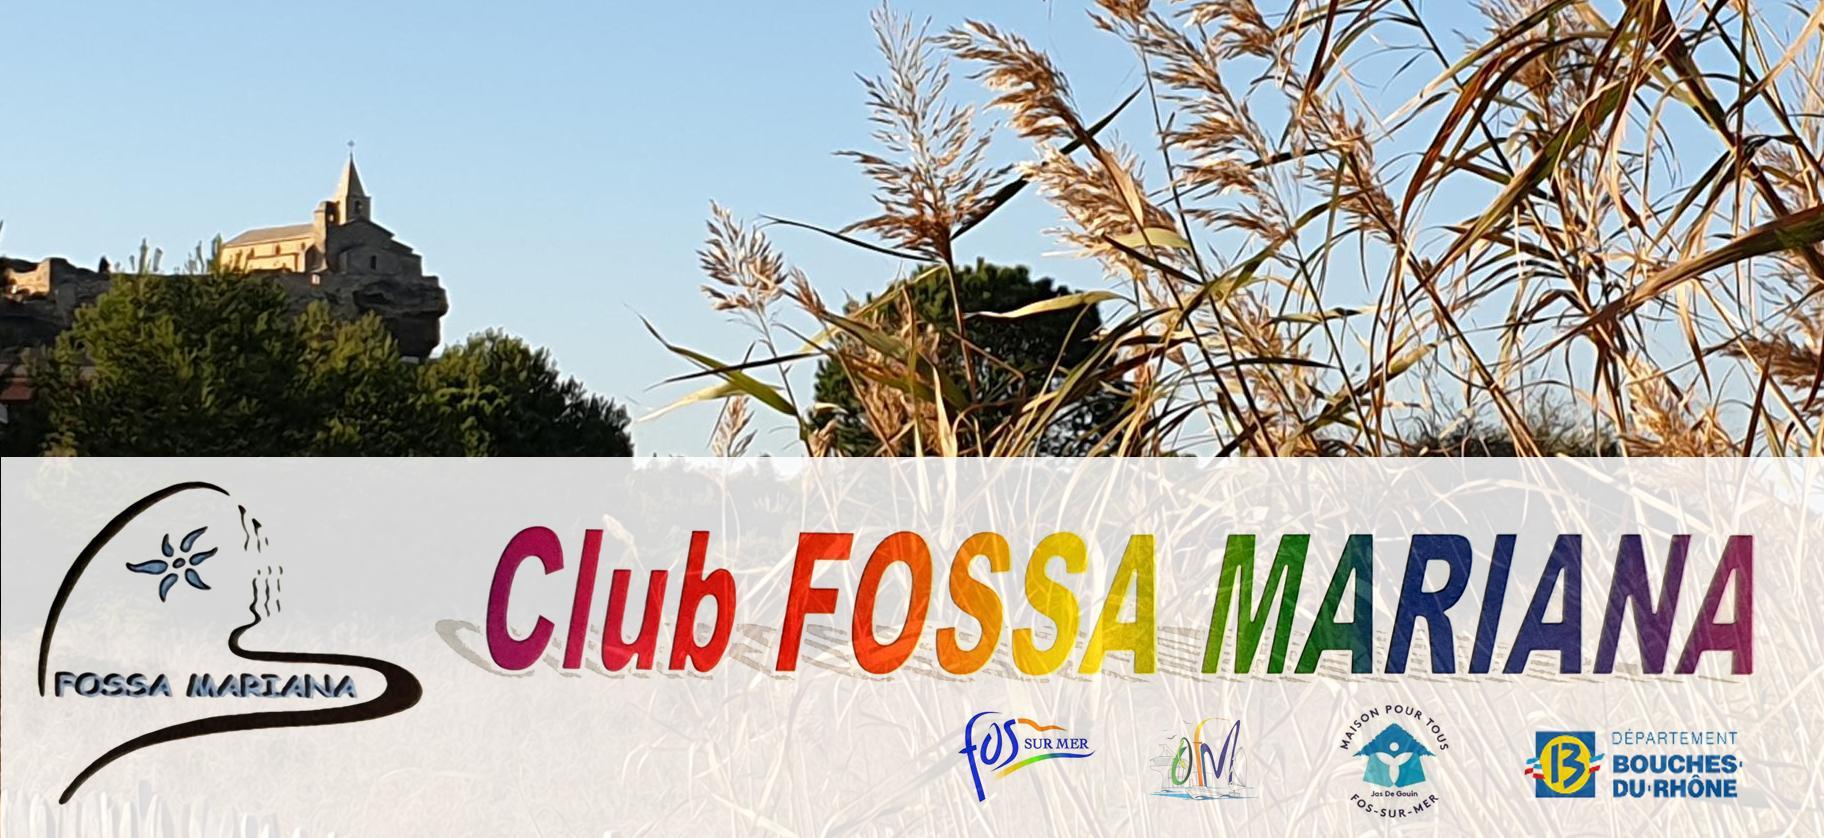 CLUB FOSSA MARIANA